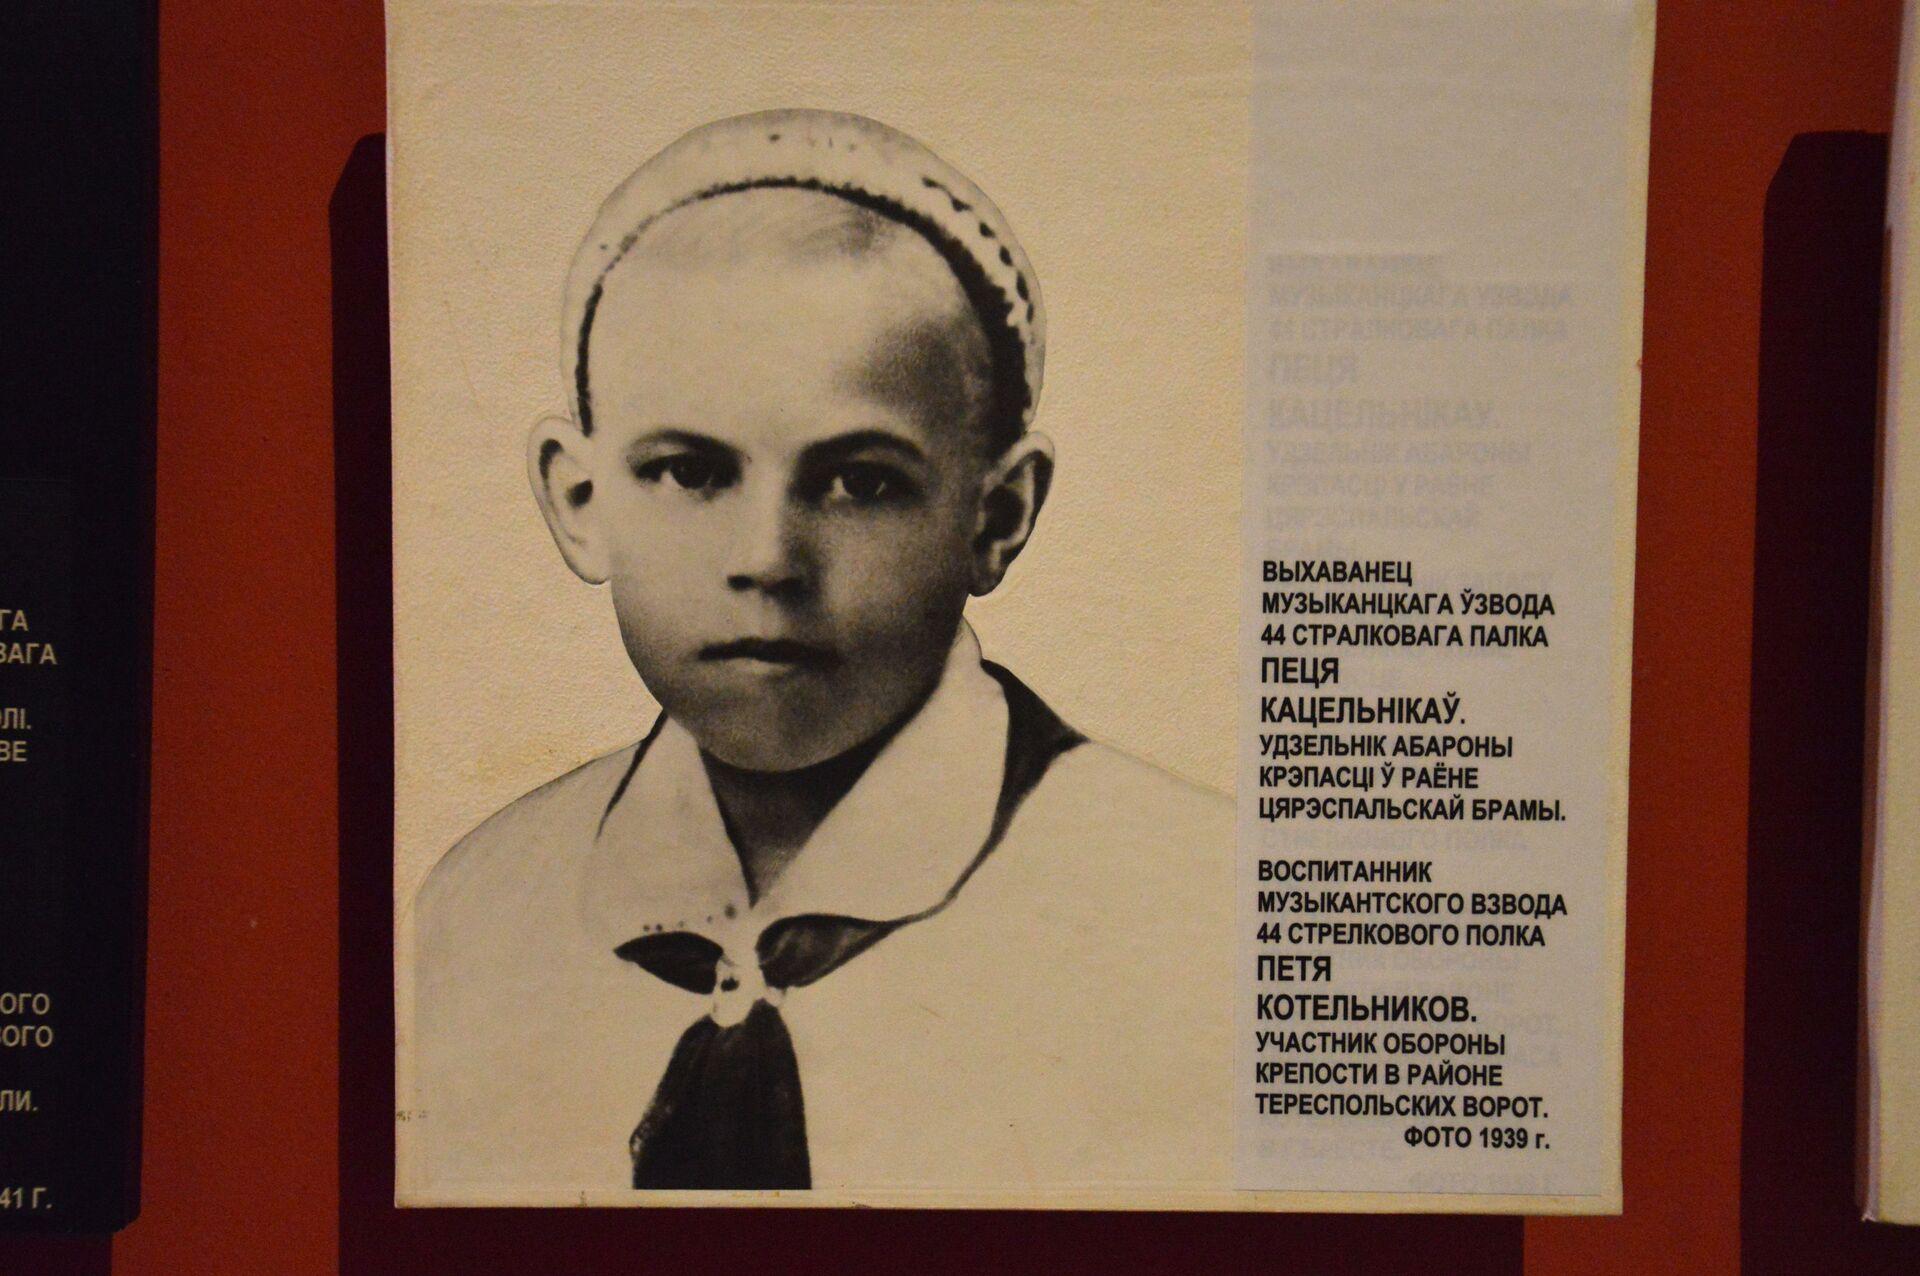 Последний защитник Брестской крепости: фото и факты - Sputnik Беларусь, 1920, 21.04.2021